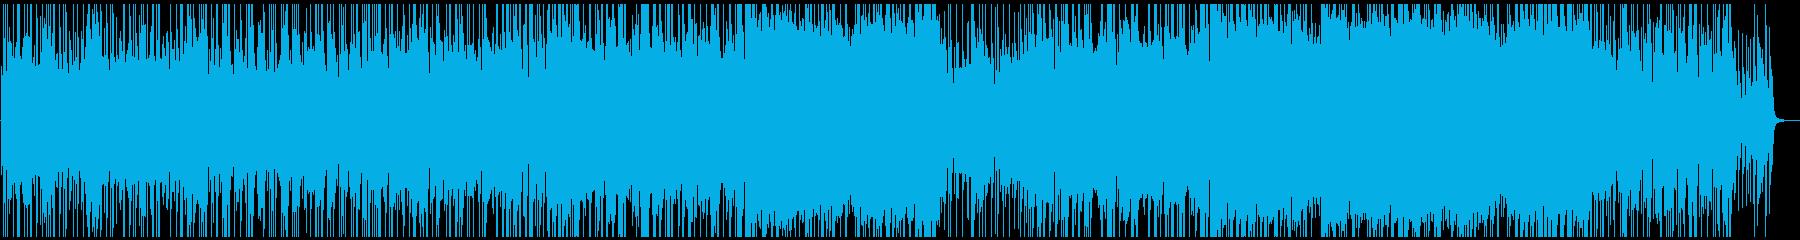 疾走感のある変拍子ロックの再生済みの波形